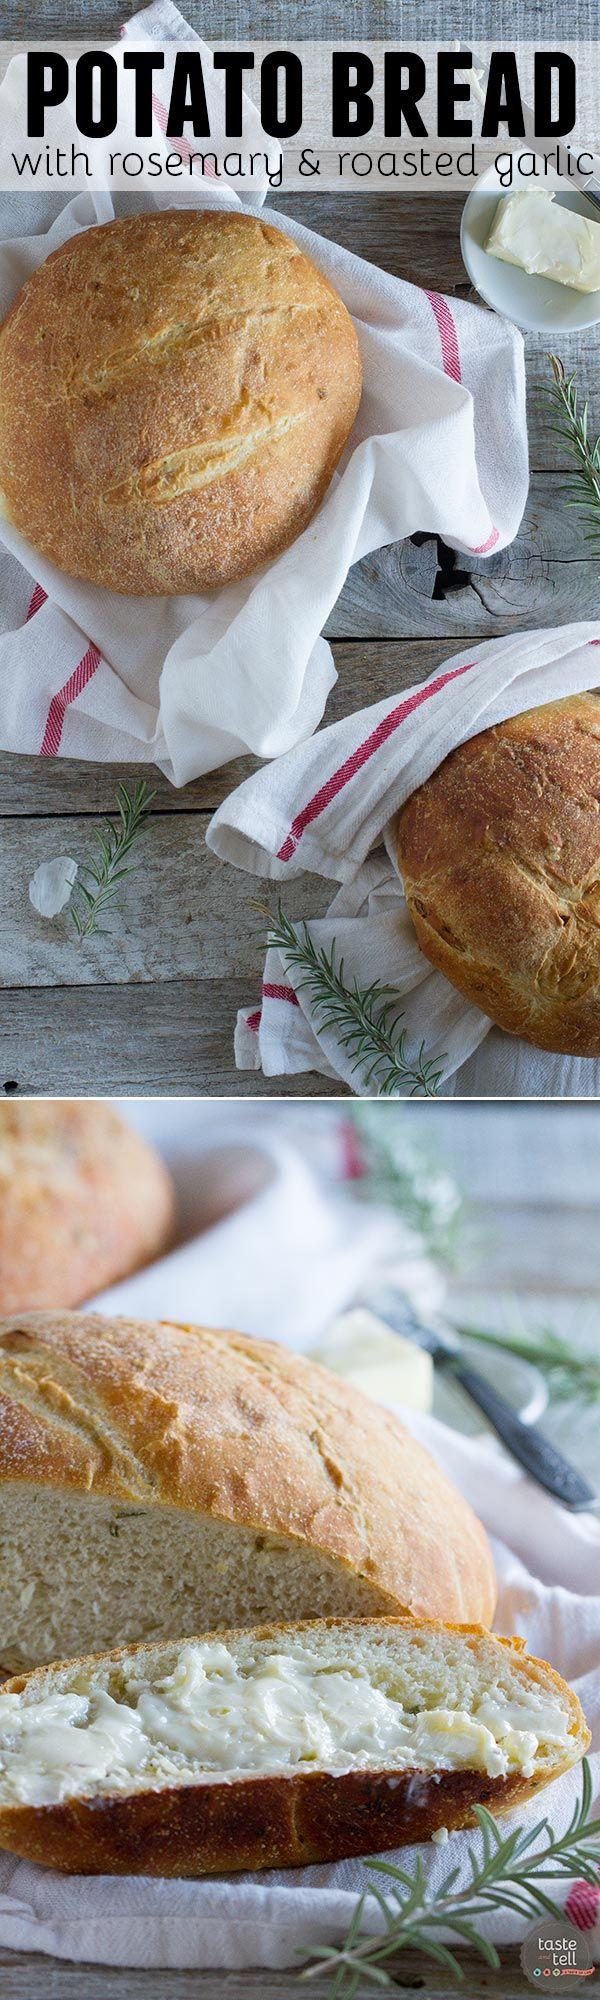 Bread recipes, The o'jays and Potato bread on Pinterest